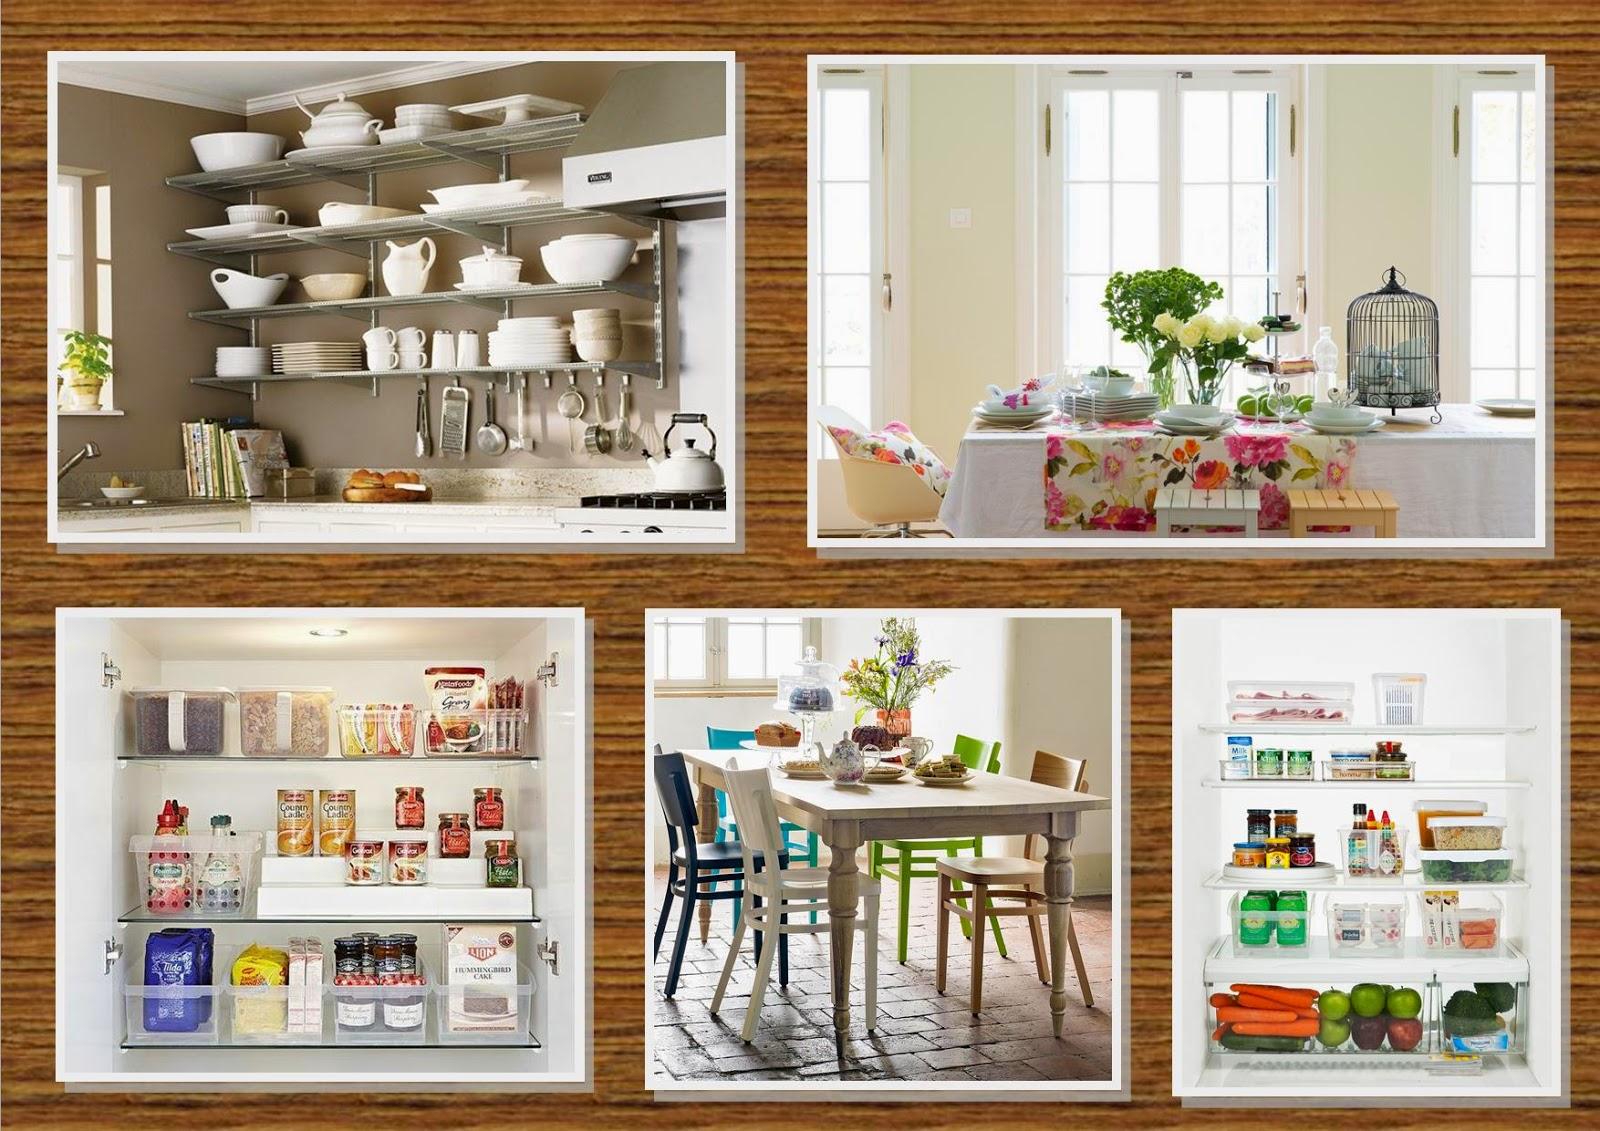 homestyling k che richtig organisieren the wardrobe organizer. Black Bedroom Furniture Sets. Home Design Ideas